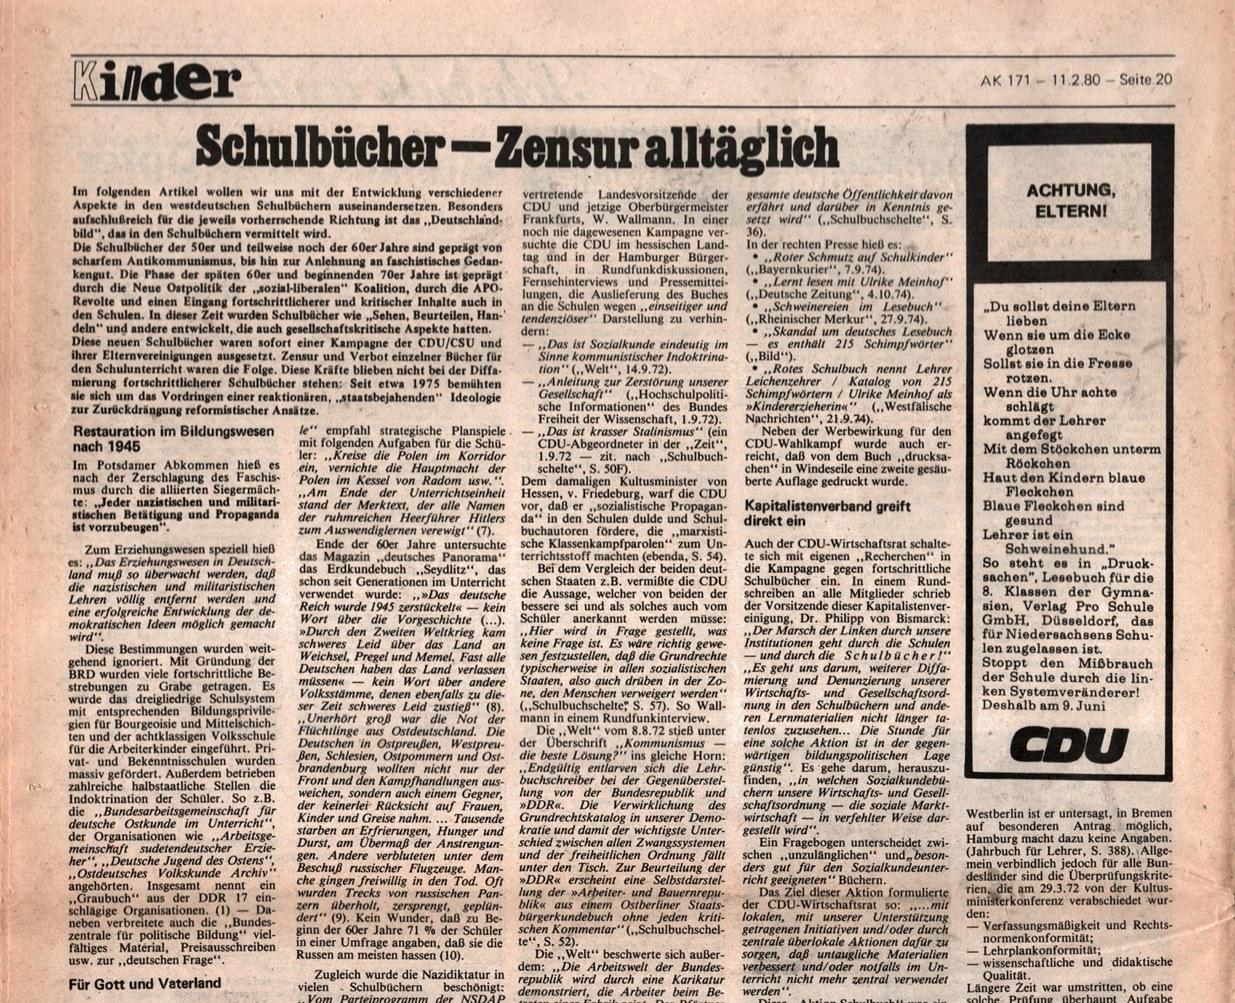 KB_AK_1980_171_039